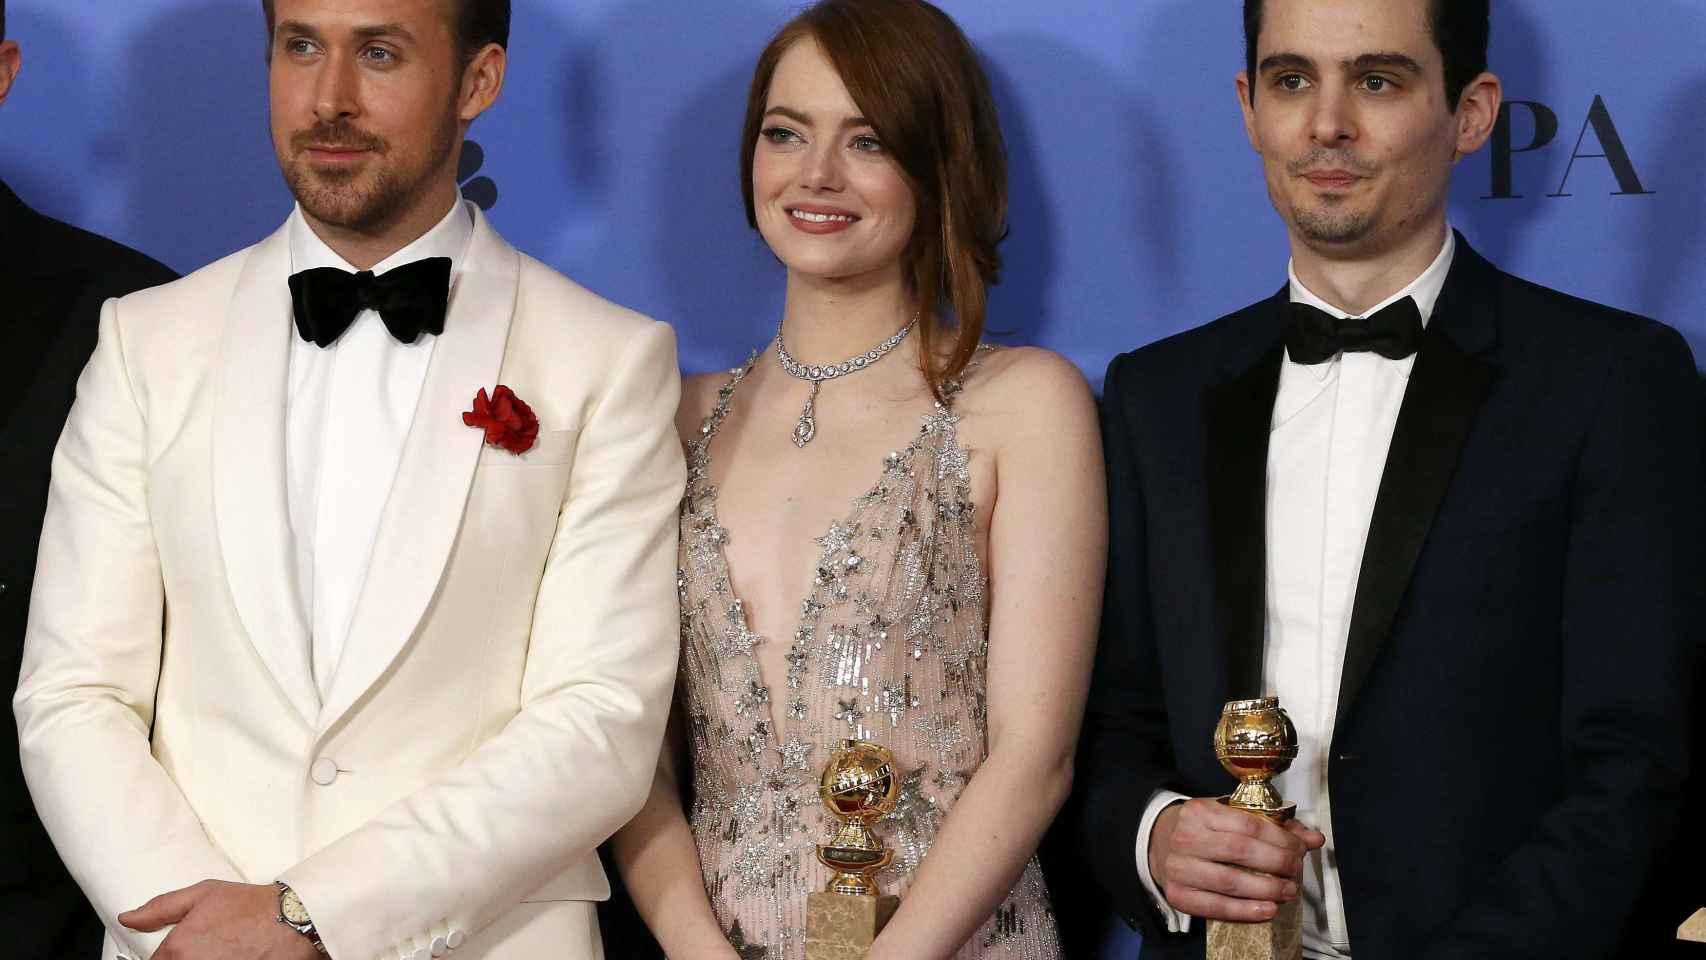 Ryan Gosling y Emma Stone, protagonistas de 'La La Land', y su director,  Damian Chazelle,  con el premio al mejor actor, mejor actriz y mejor director de Comedia o Musical.